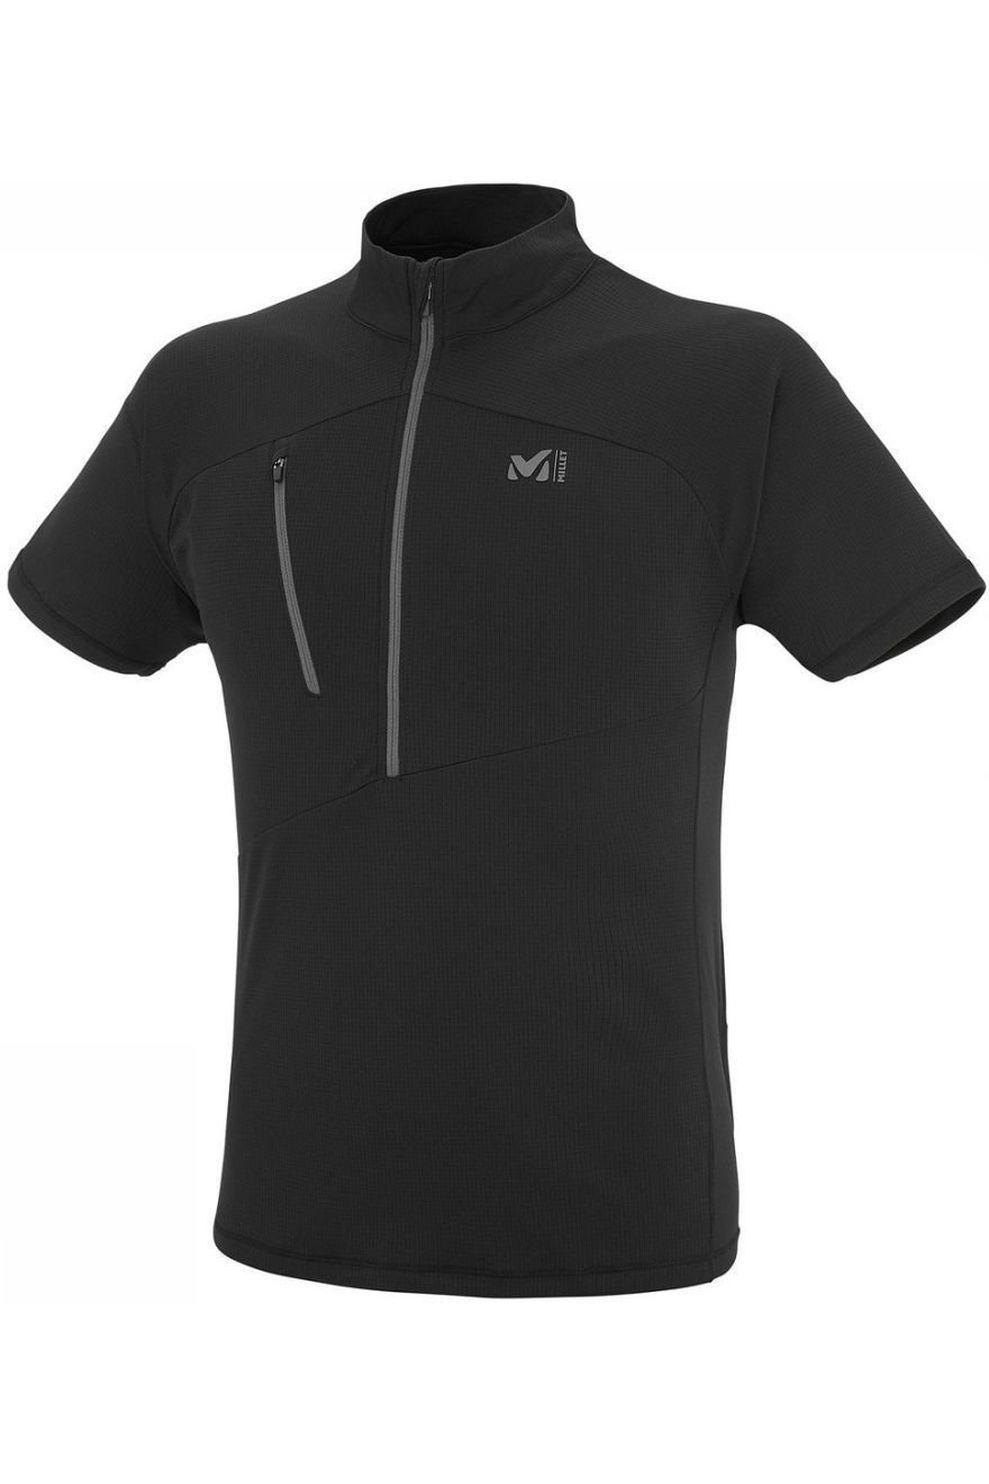 Millet T-Shirt Elevation Zip voor heren - Zwart - Maat: L